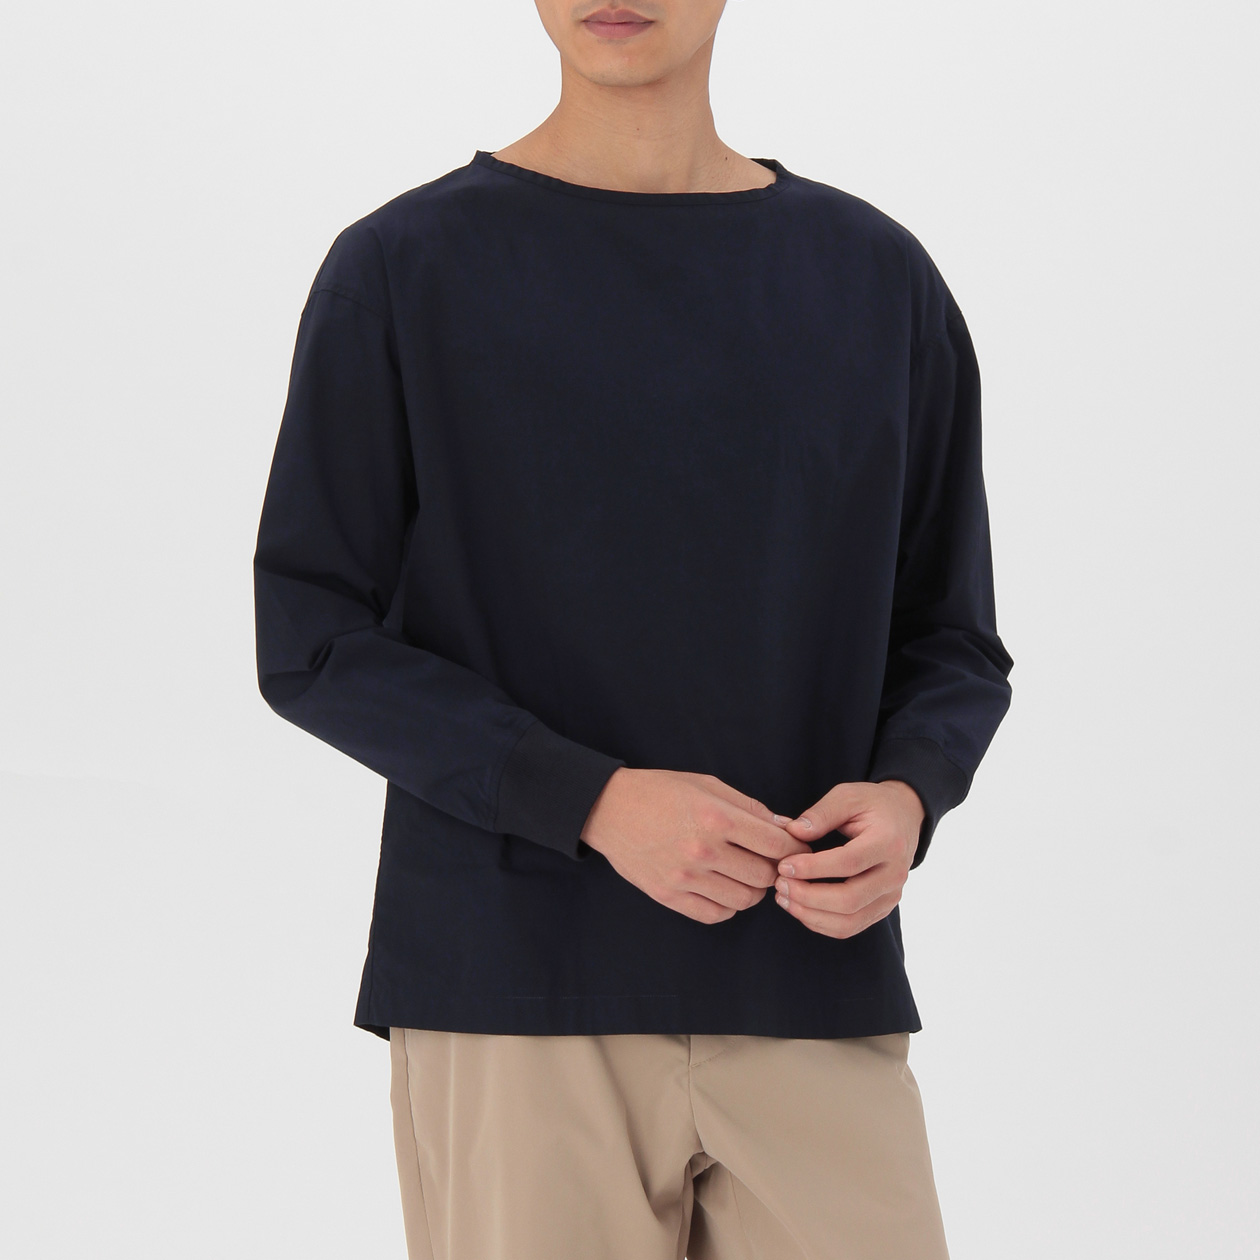 無印良品 | オーガニックコットンブロードプルオーバーリブ付シャツ紳士S・白 通販